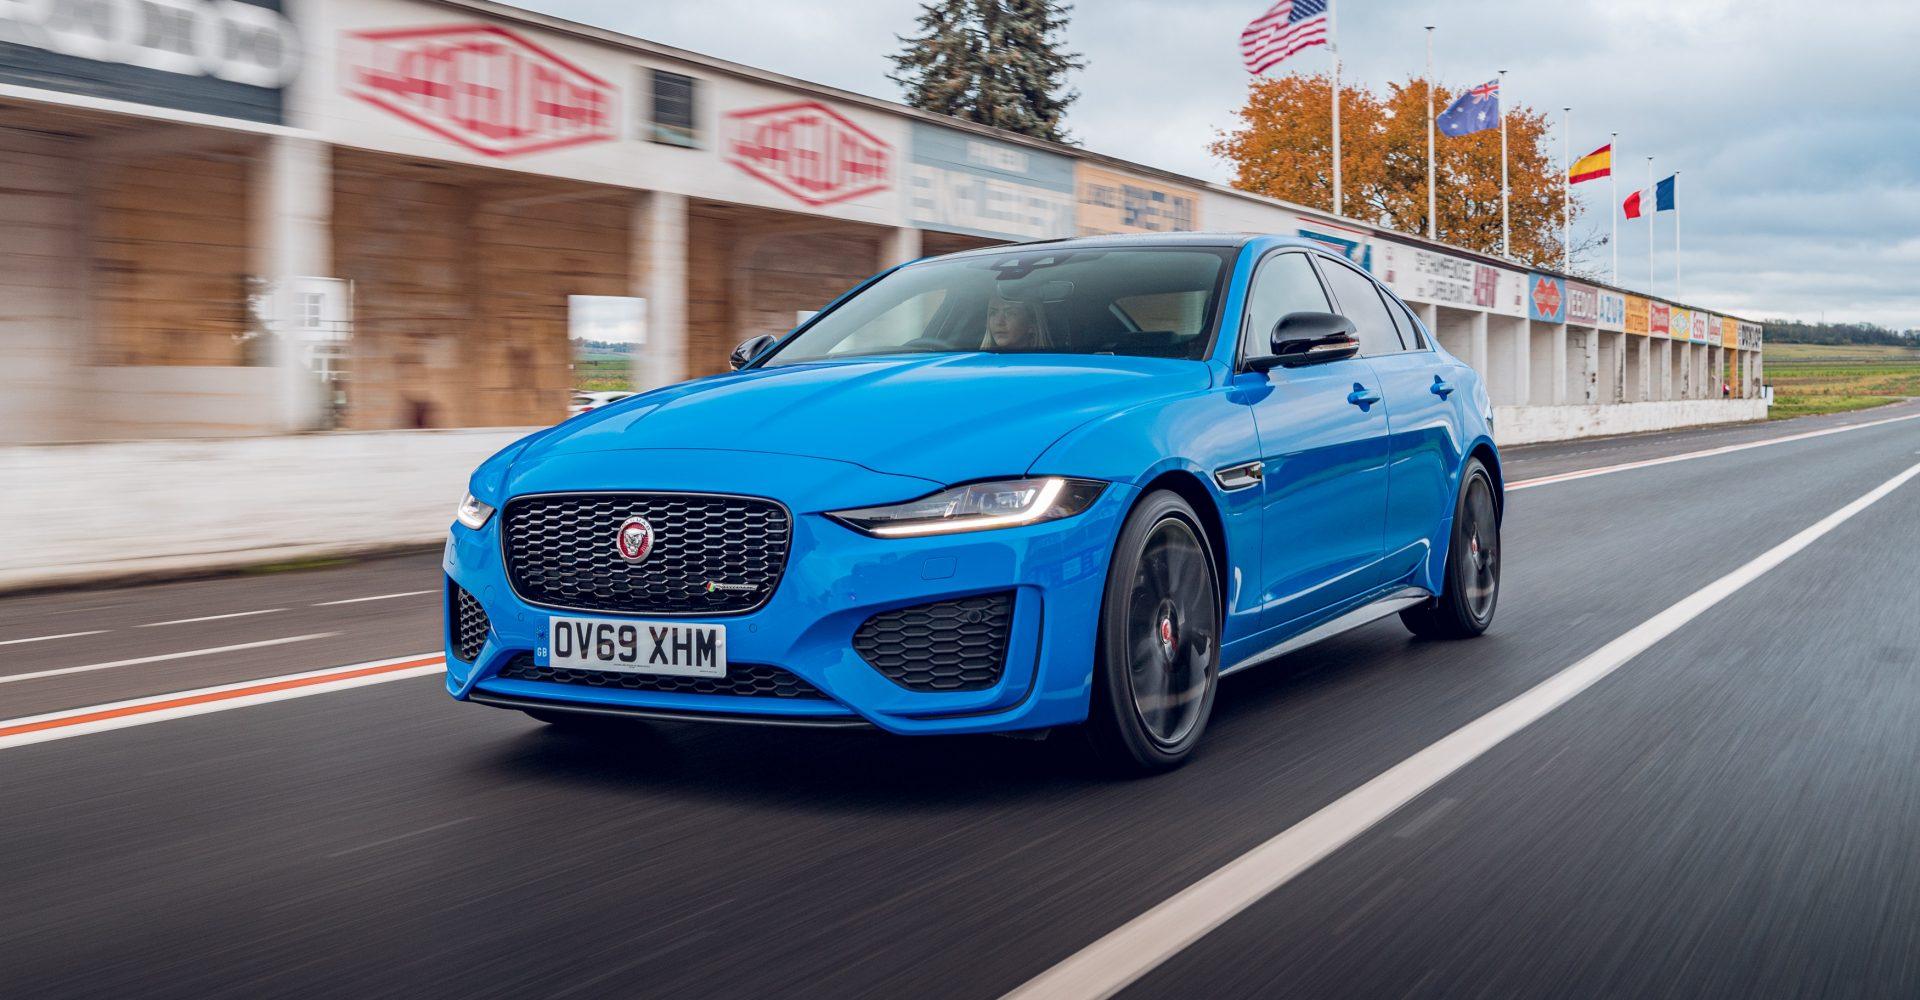 Jaguar reveals motorsport-inspired XE Reims Edition